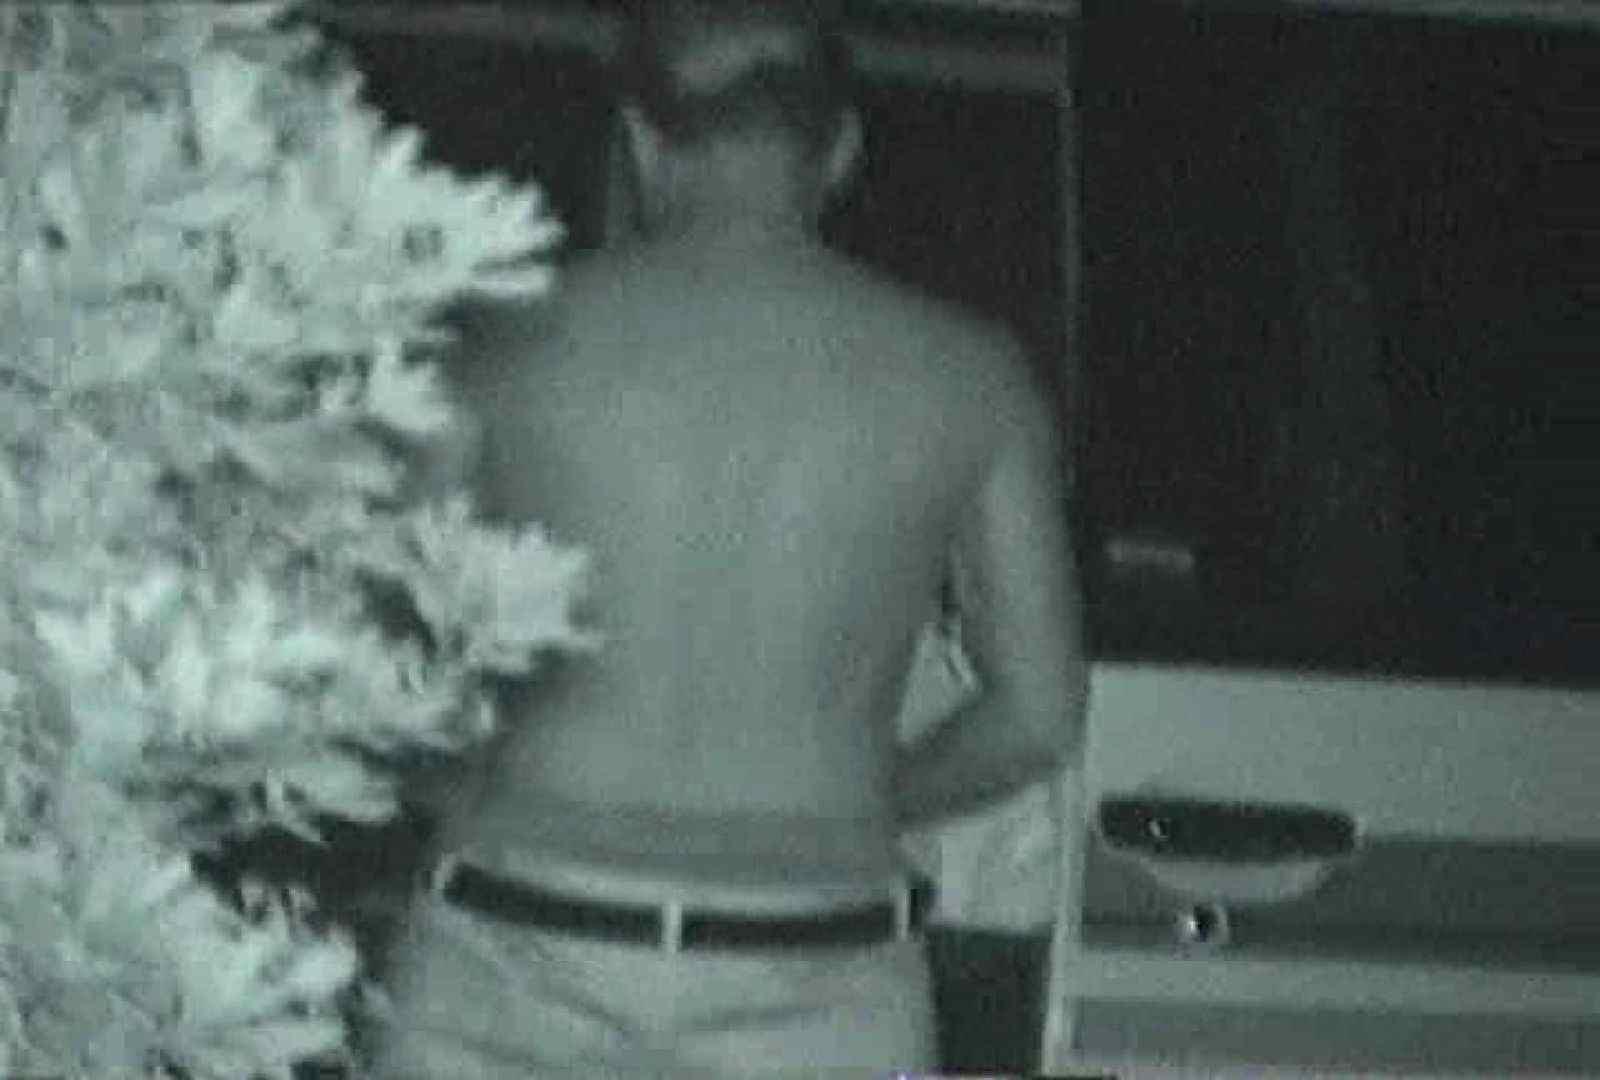 充血監督の深夜の運動会Vol.85 エッチなセックス | 車の中のカップル  100画像 79